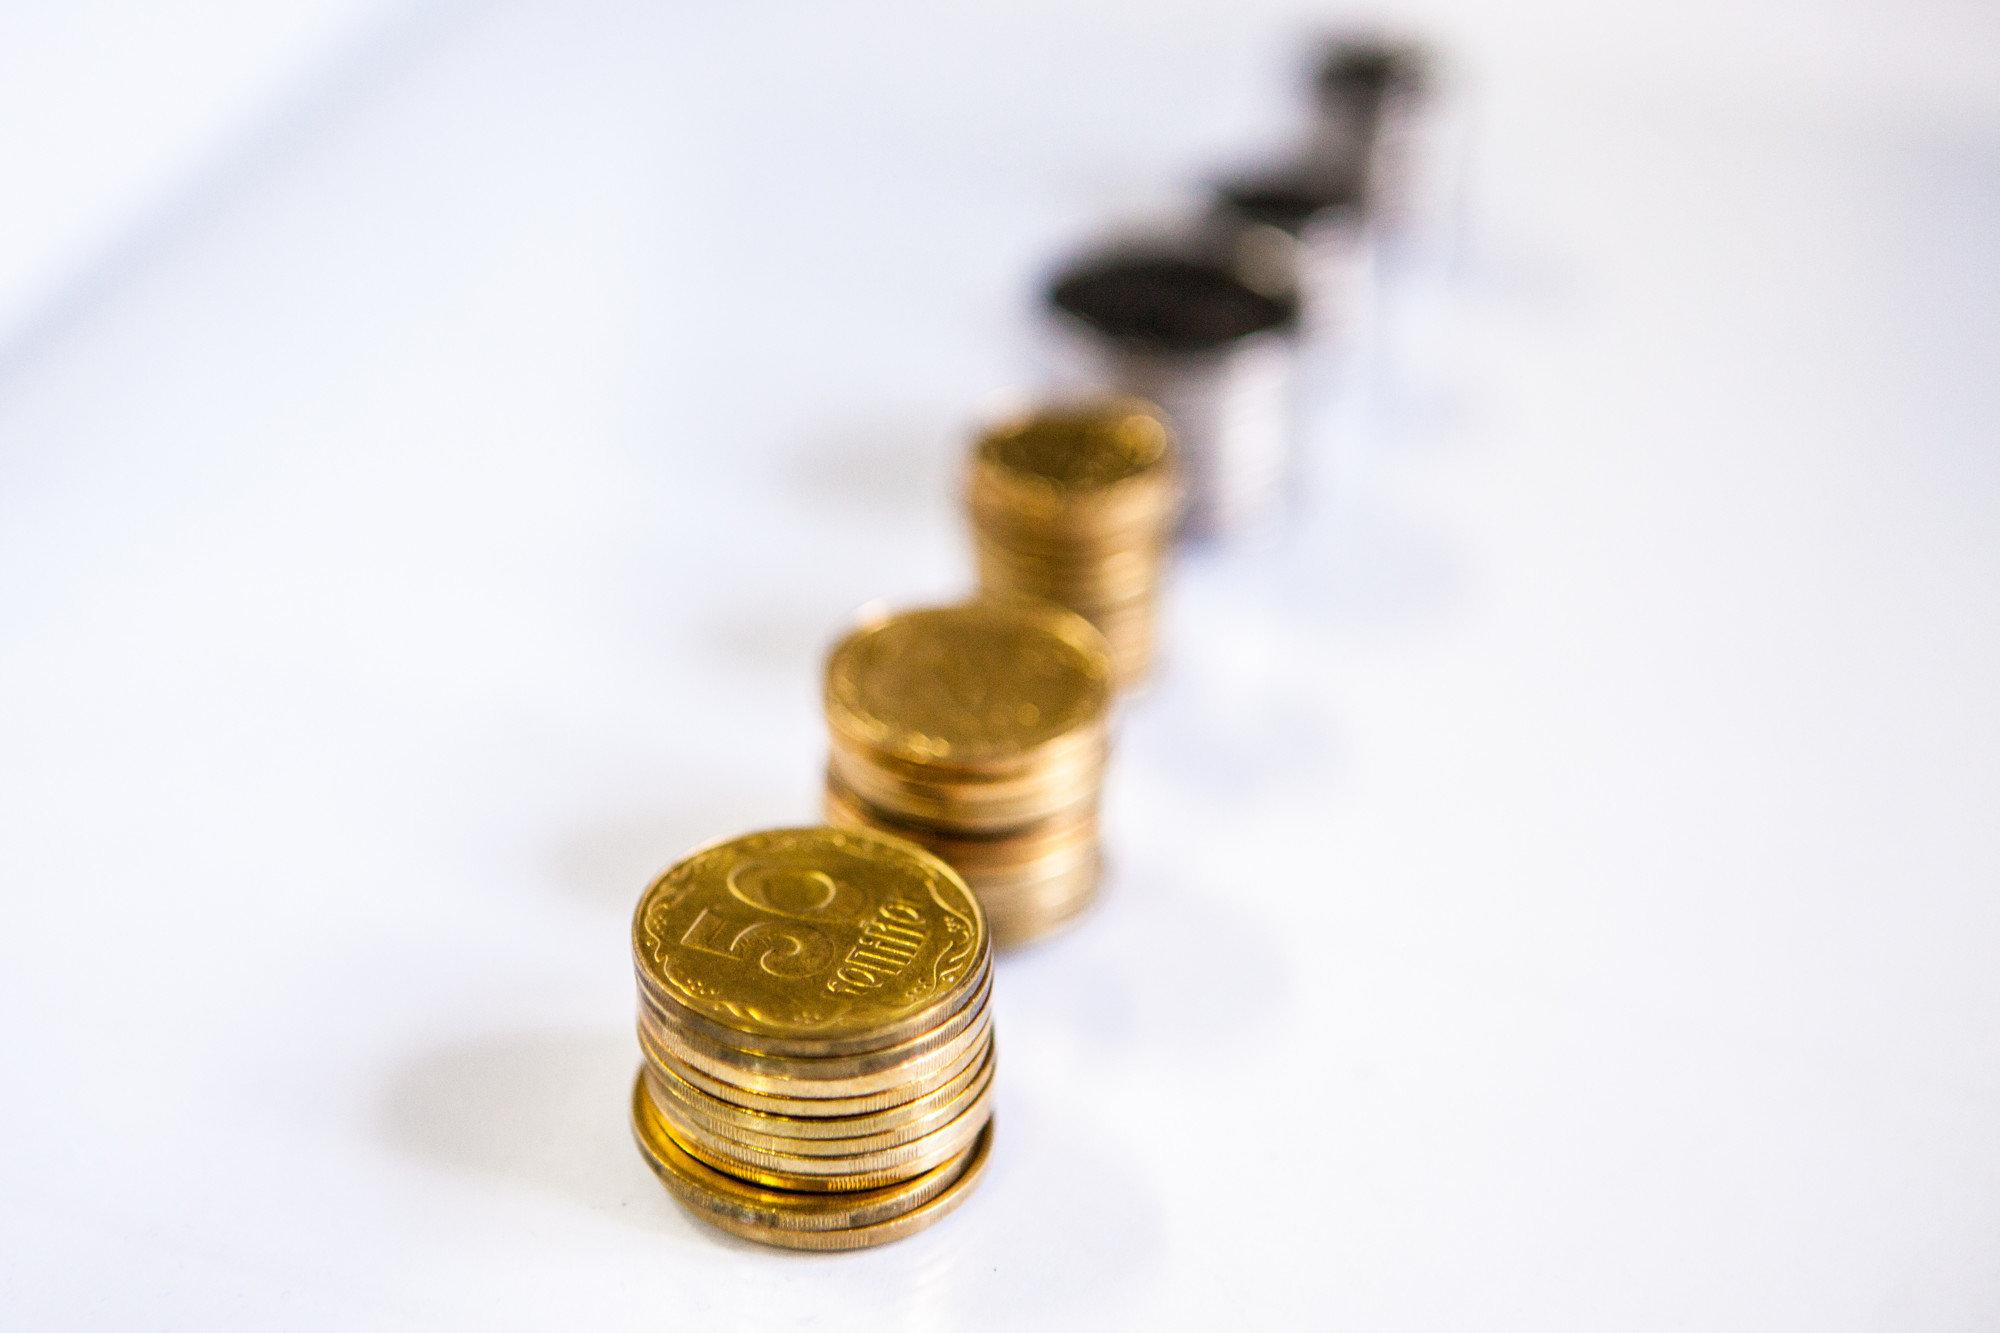 НБУ выставит на продажу 40 тонн монет